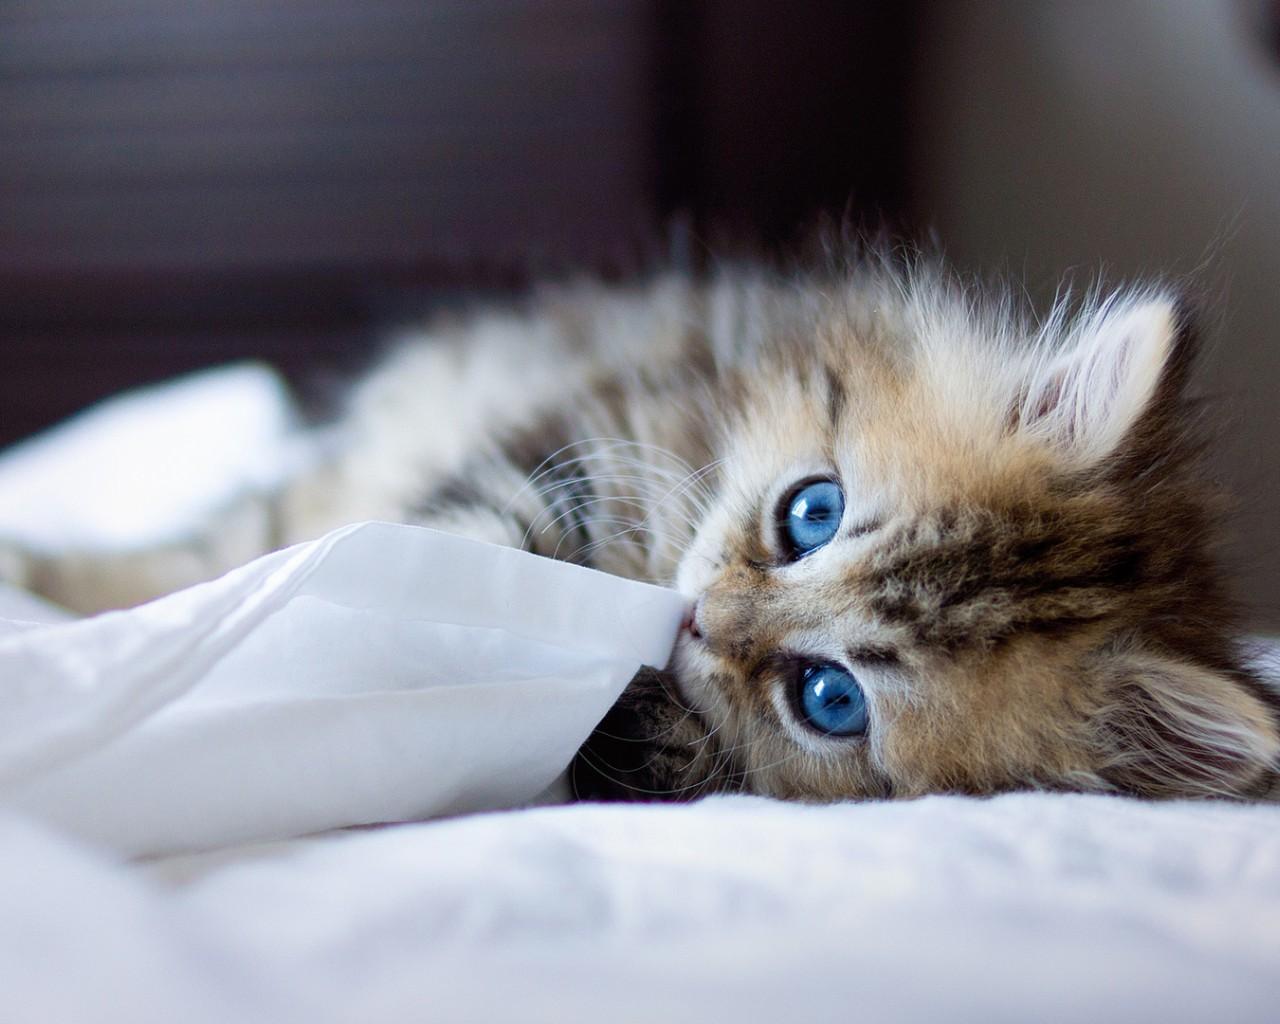 怎么改掉猫咪挑食的坏毛病 纠正猫咪挑食的方法